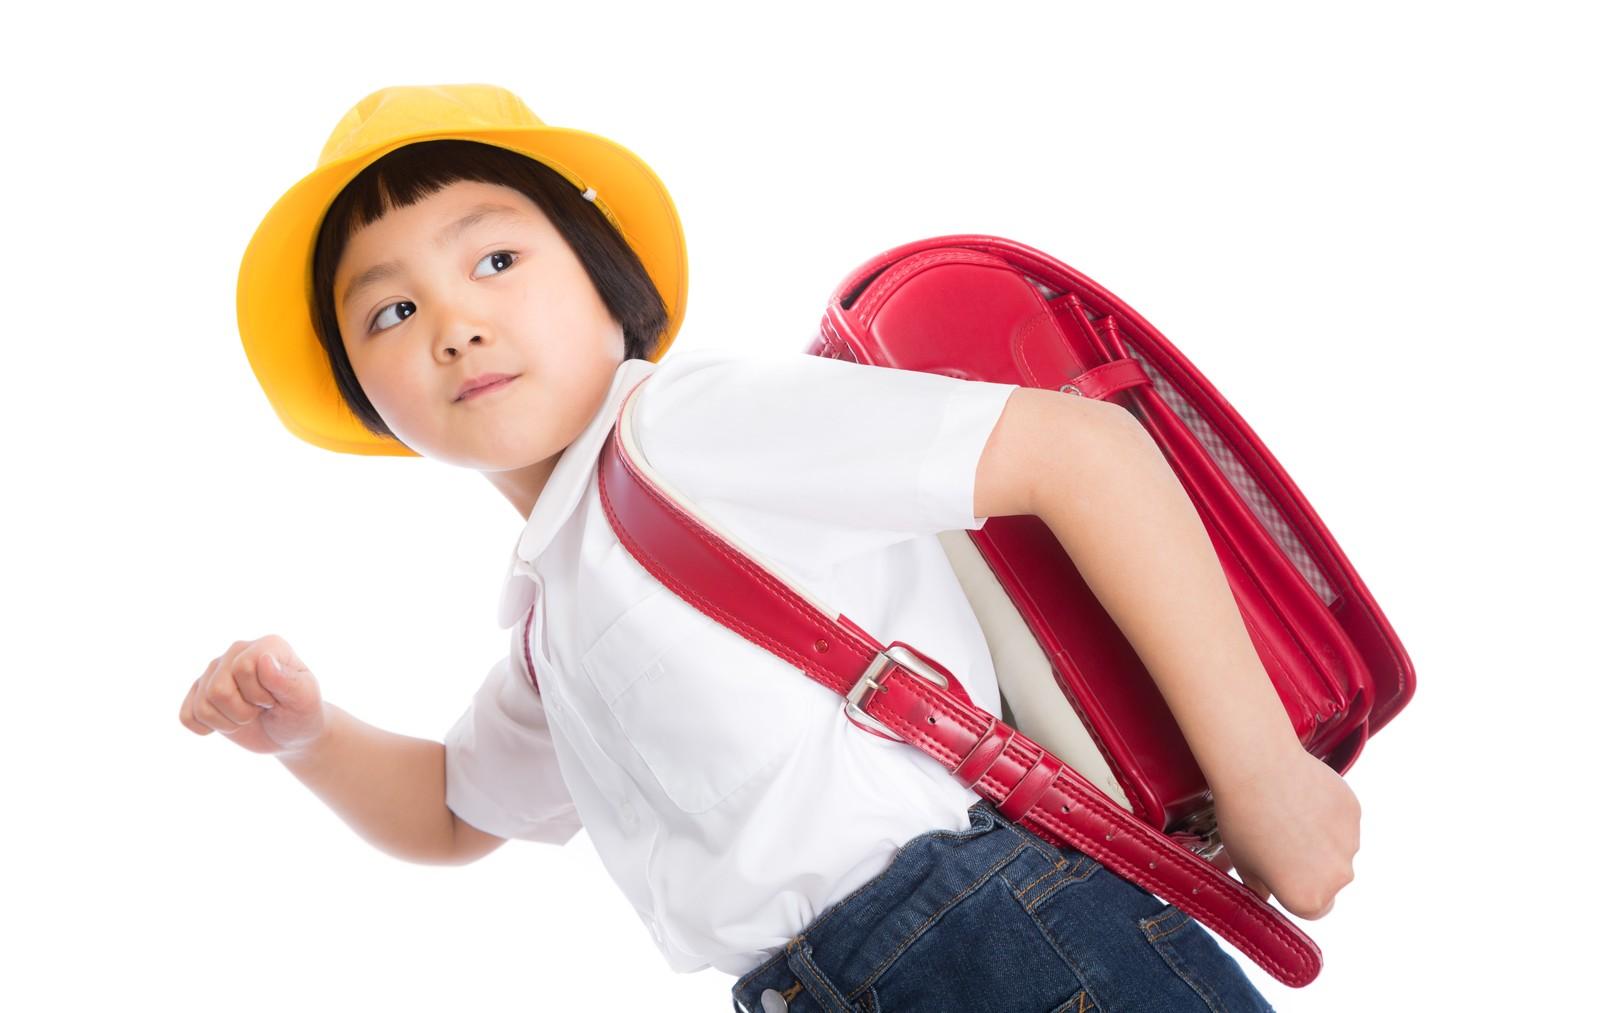 子供の携帯のgps機能はお守り!子供への意識付けが重要!